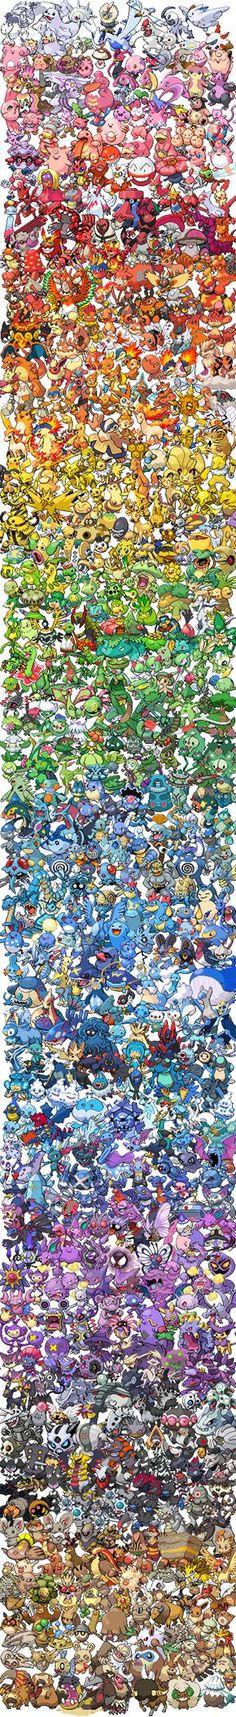 Temos que pegar todos... Pokémon. Más